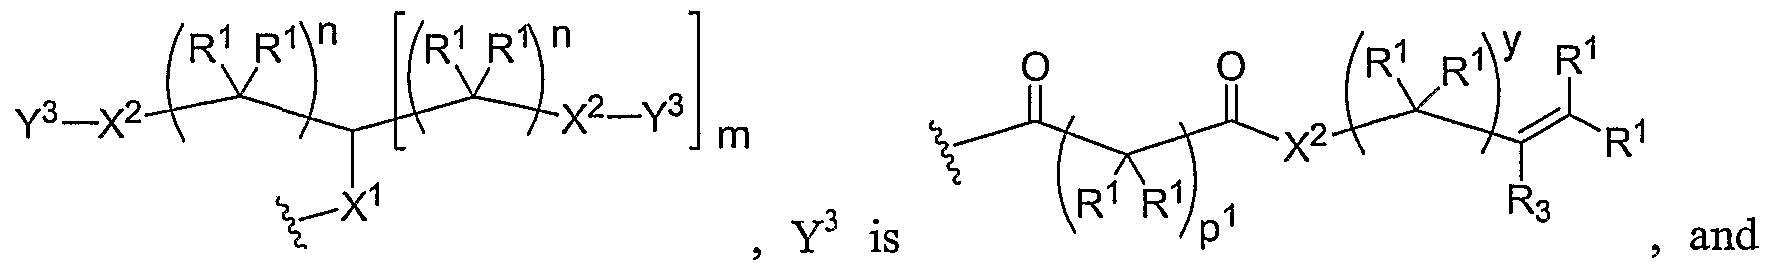 Figure imgf000375_0001